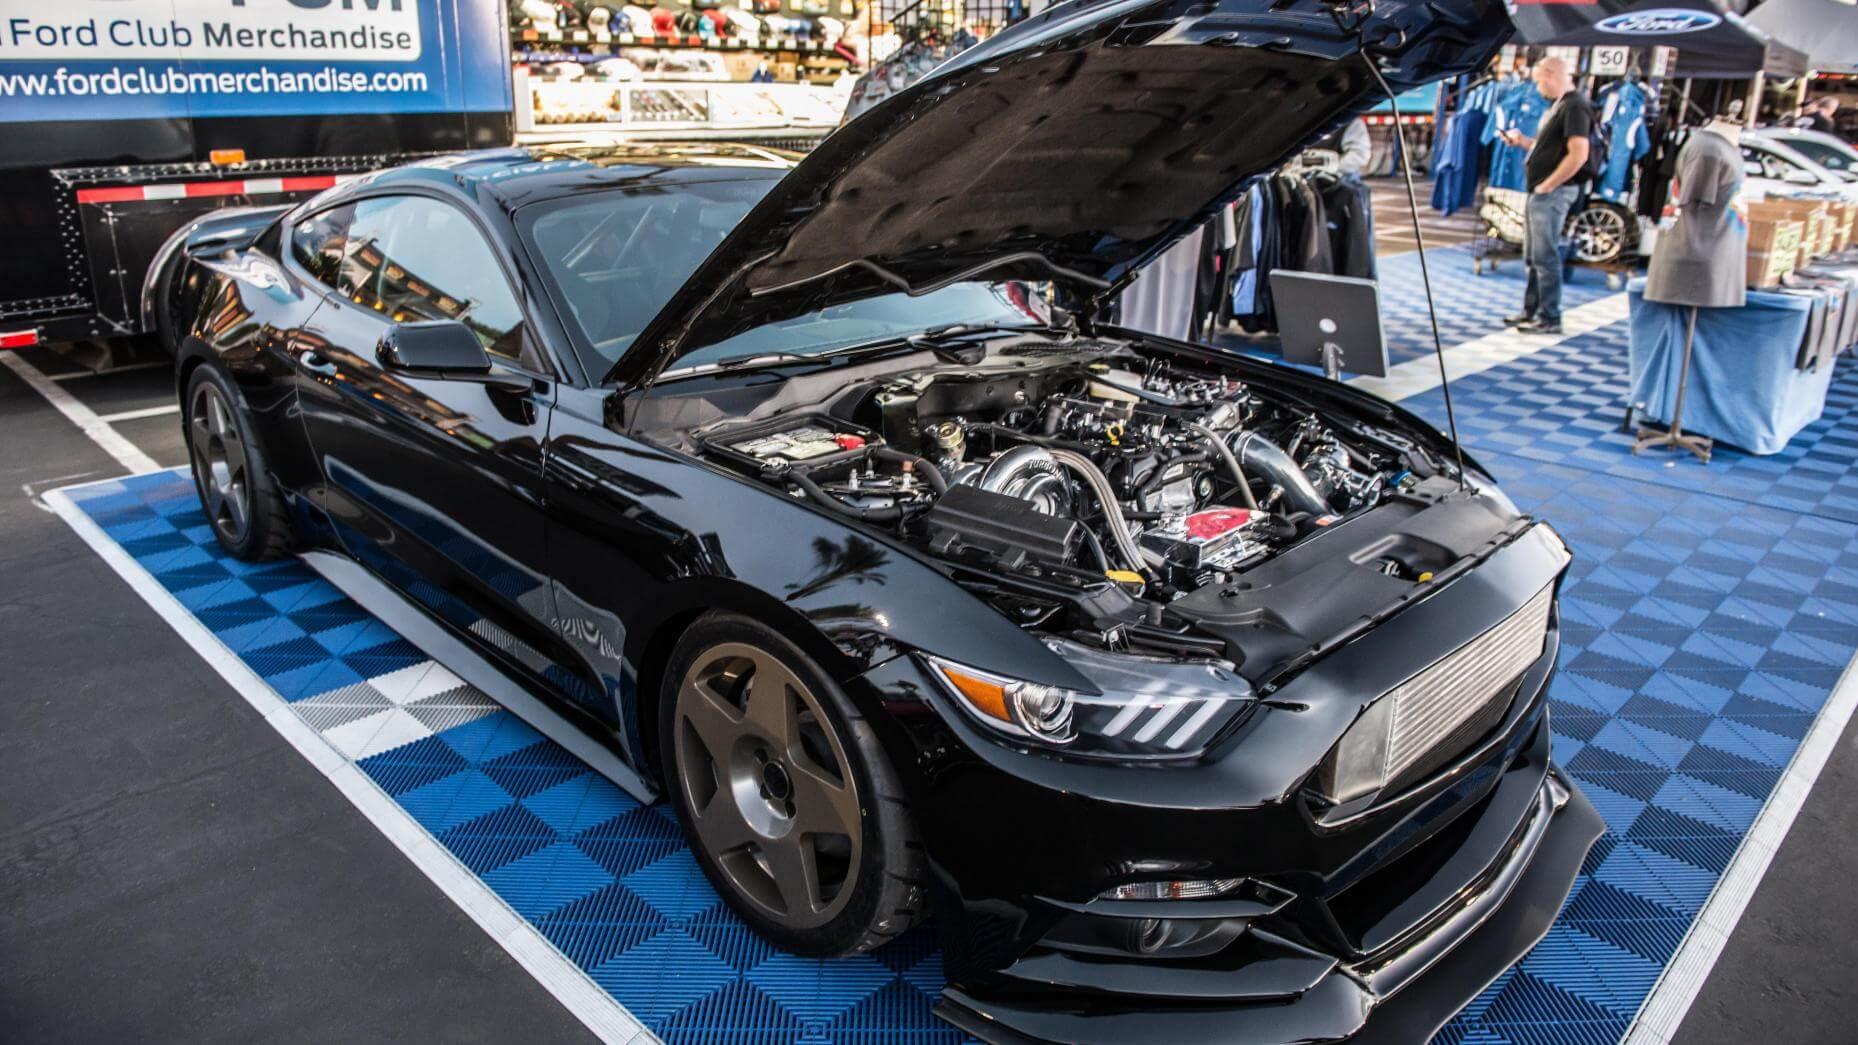 Das EcoBoost-Wunder: Ford Mustang Tuning von Bisimoto mit satten 900 Pferden.